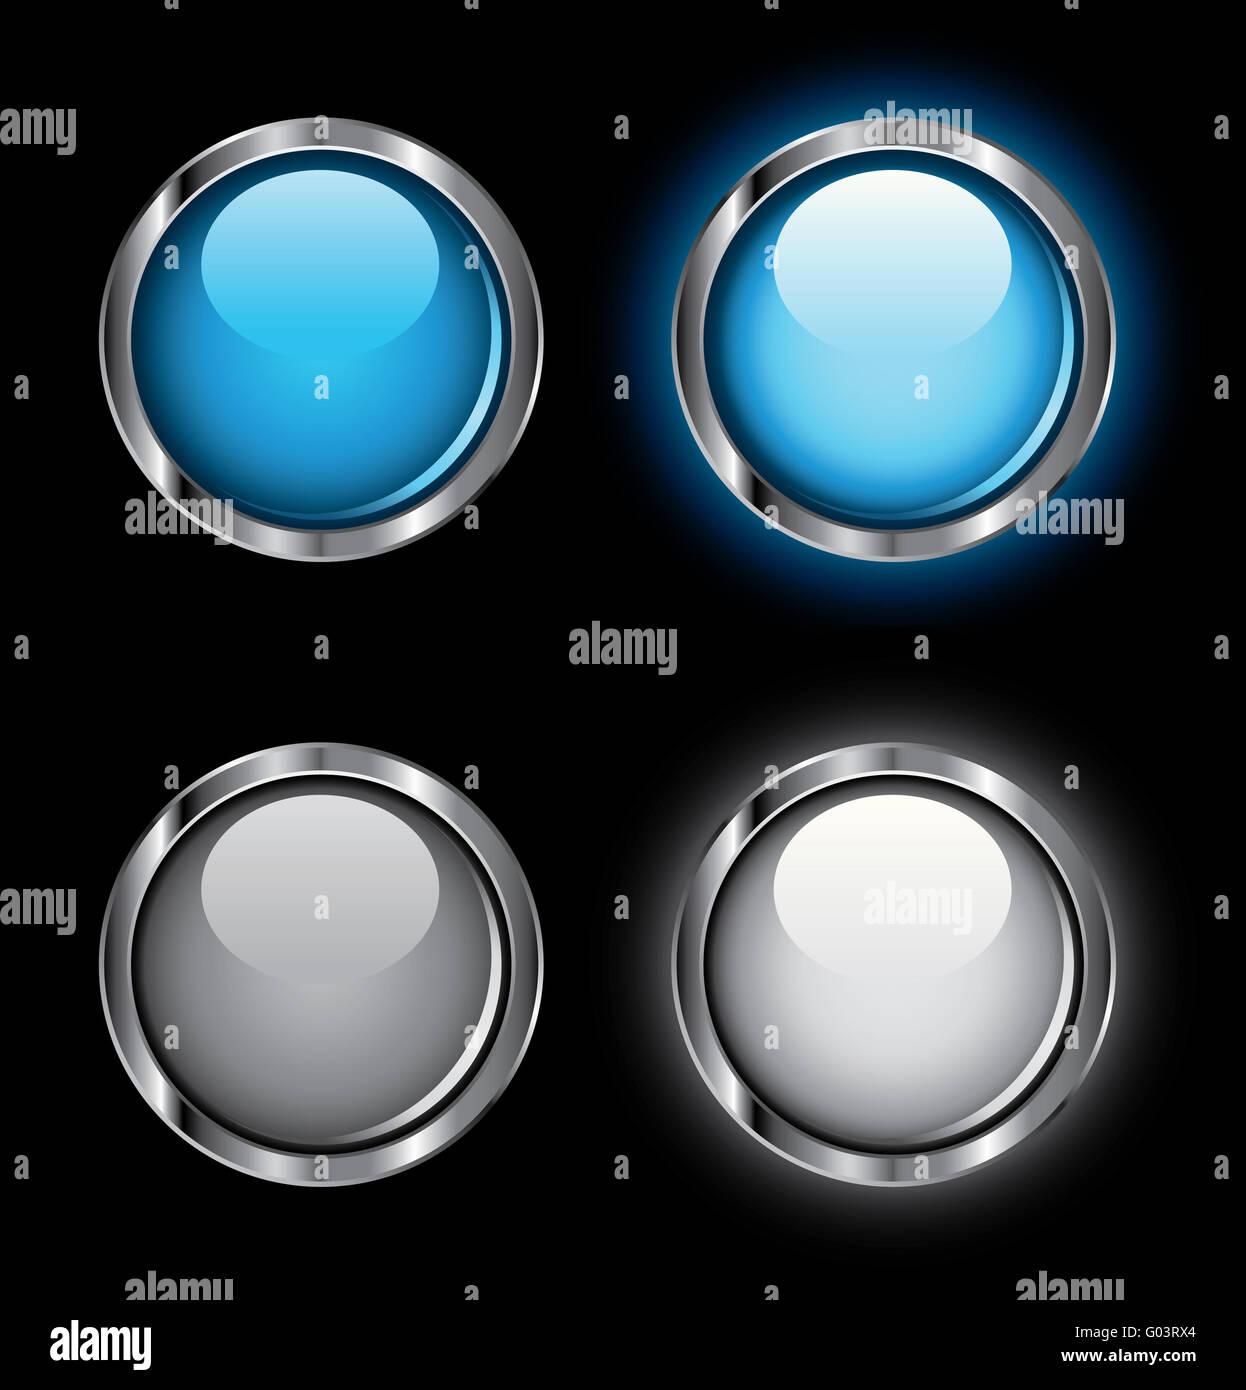 Rollover brillante Botones web Imagen De Stock